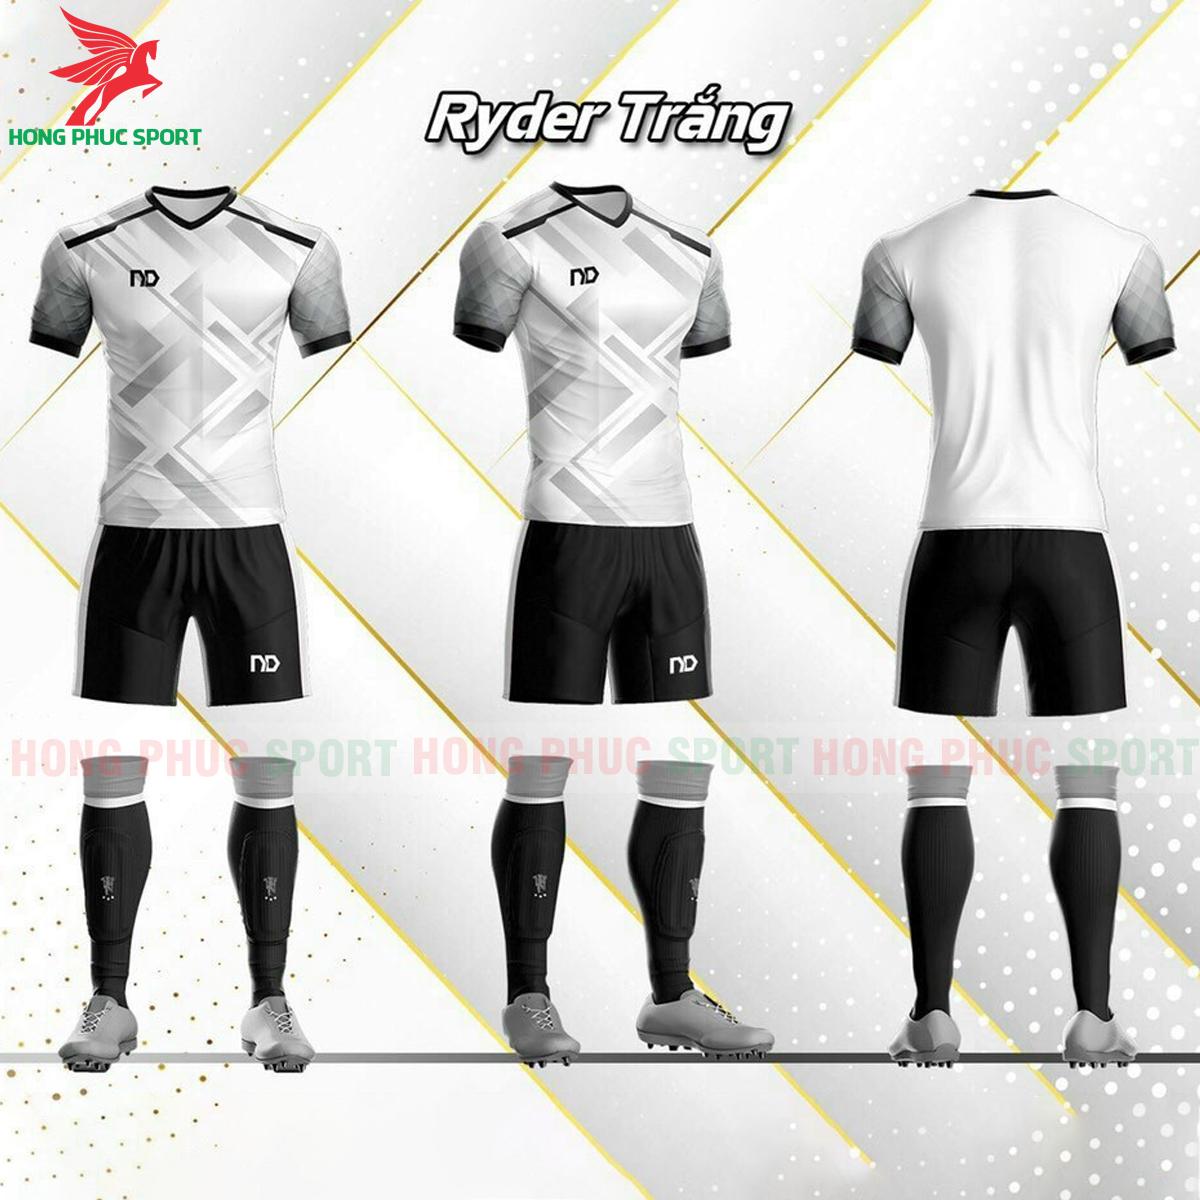 Áo đá banh không logo ND Ryder2021 màu trắng